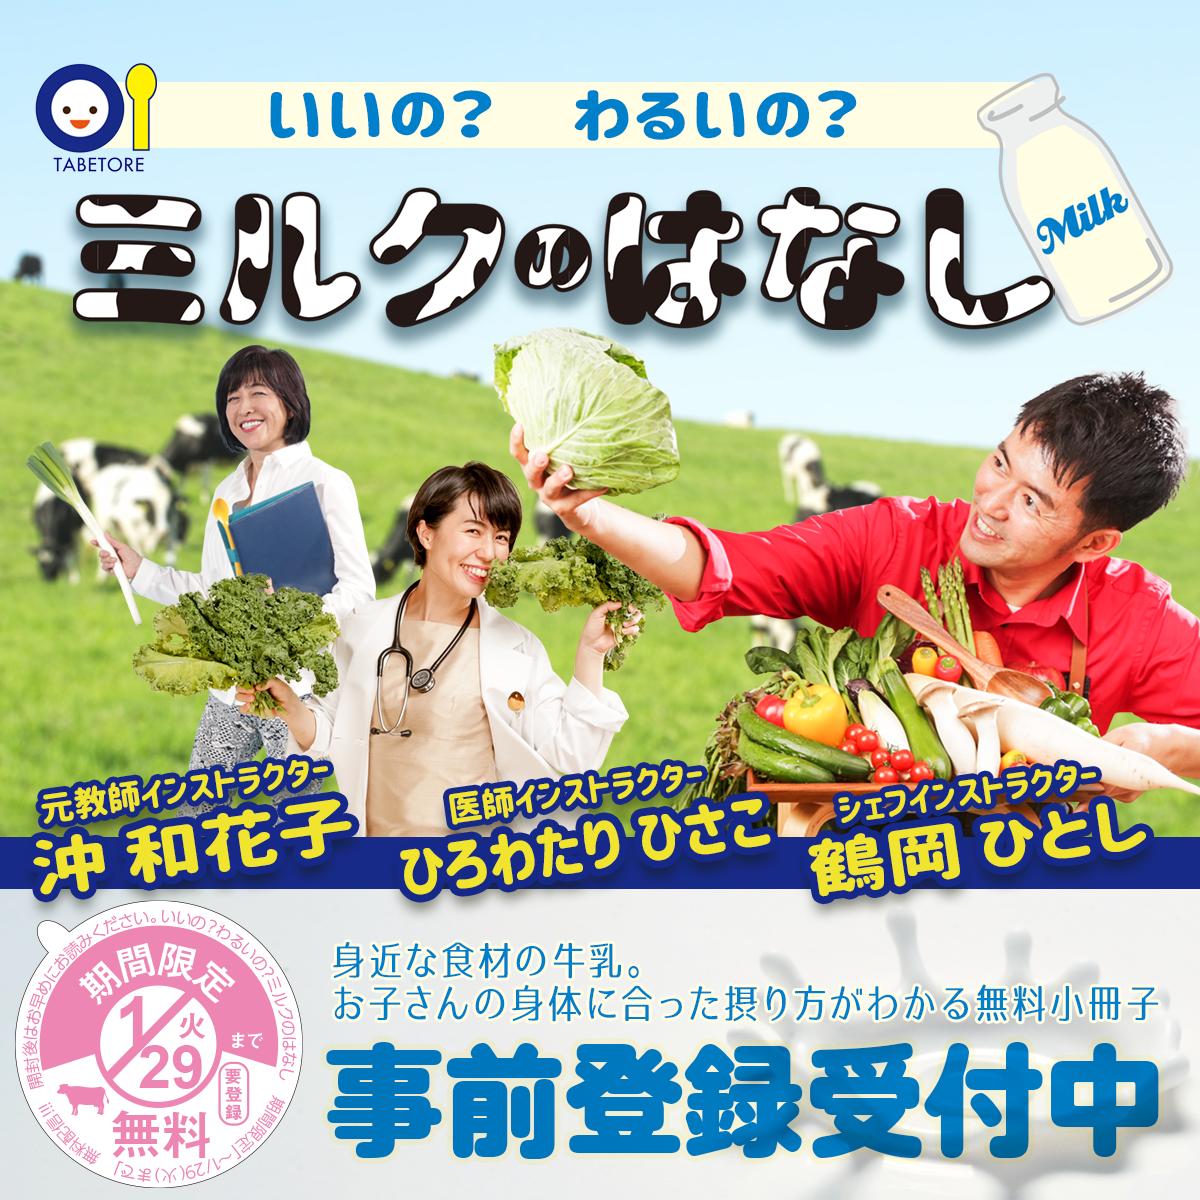 元教師 沖和花子 医師 ひろわたりひさこ シェフ 鶴岡ひさし 食べトレインストラクター ミルクのはなし 小冊子プレゼント